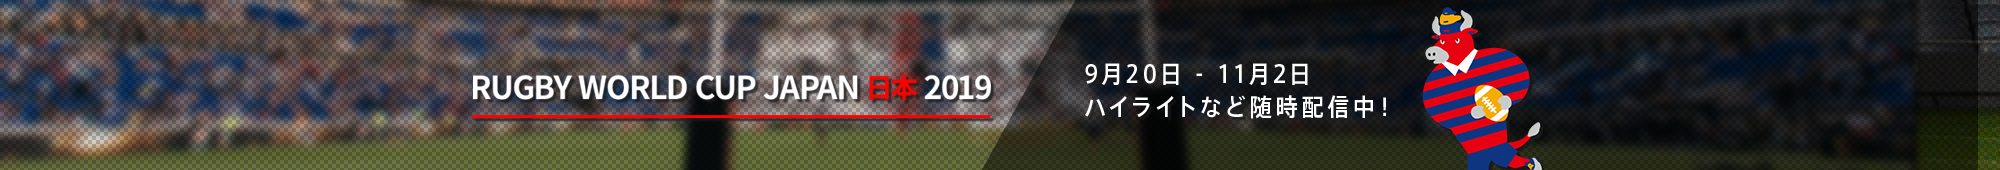 オーストラリアラグビー協会は12月12日、新しいCEO(最高経営責任者)に、ネットボール・ニュージーランド協会やラグビーリーグ(13人制)のクラブチームであるカンタベリー・ブルドッ…